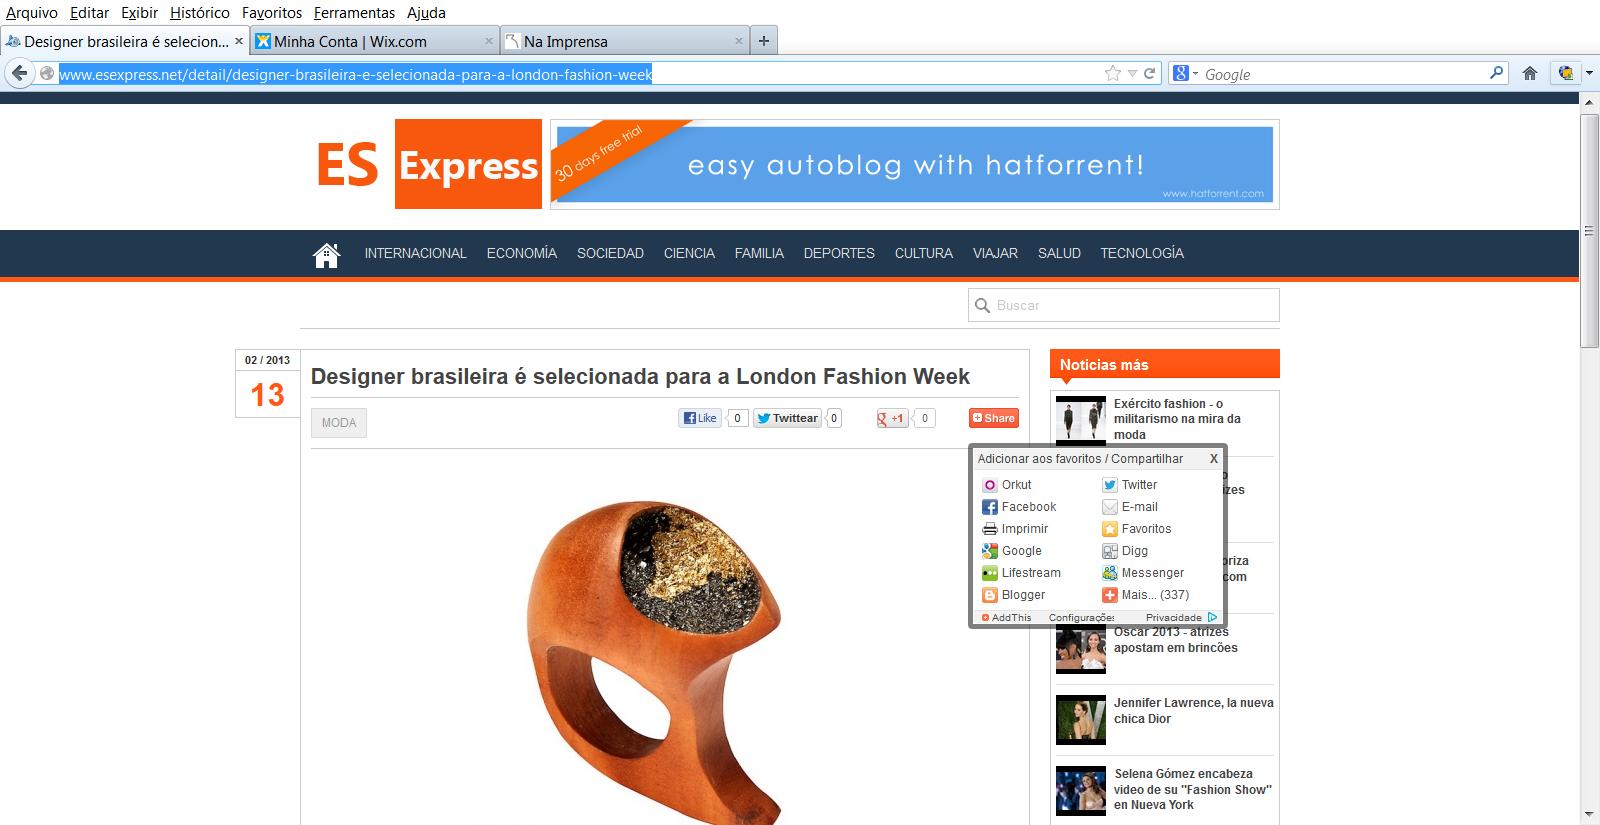 Designer+brasileira+é+selecionada+para+a+London+Fashion+Week+-+News-Es_20130302_172829